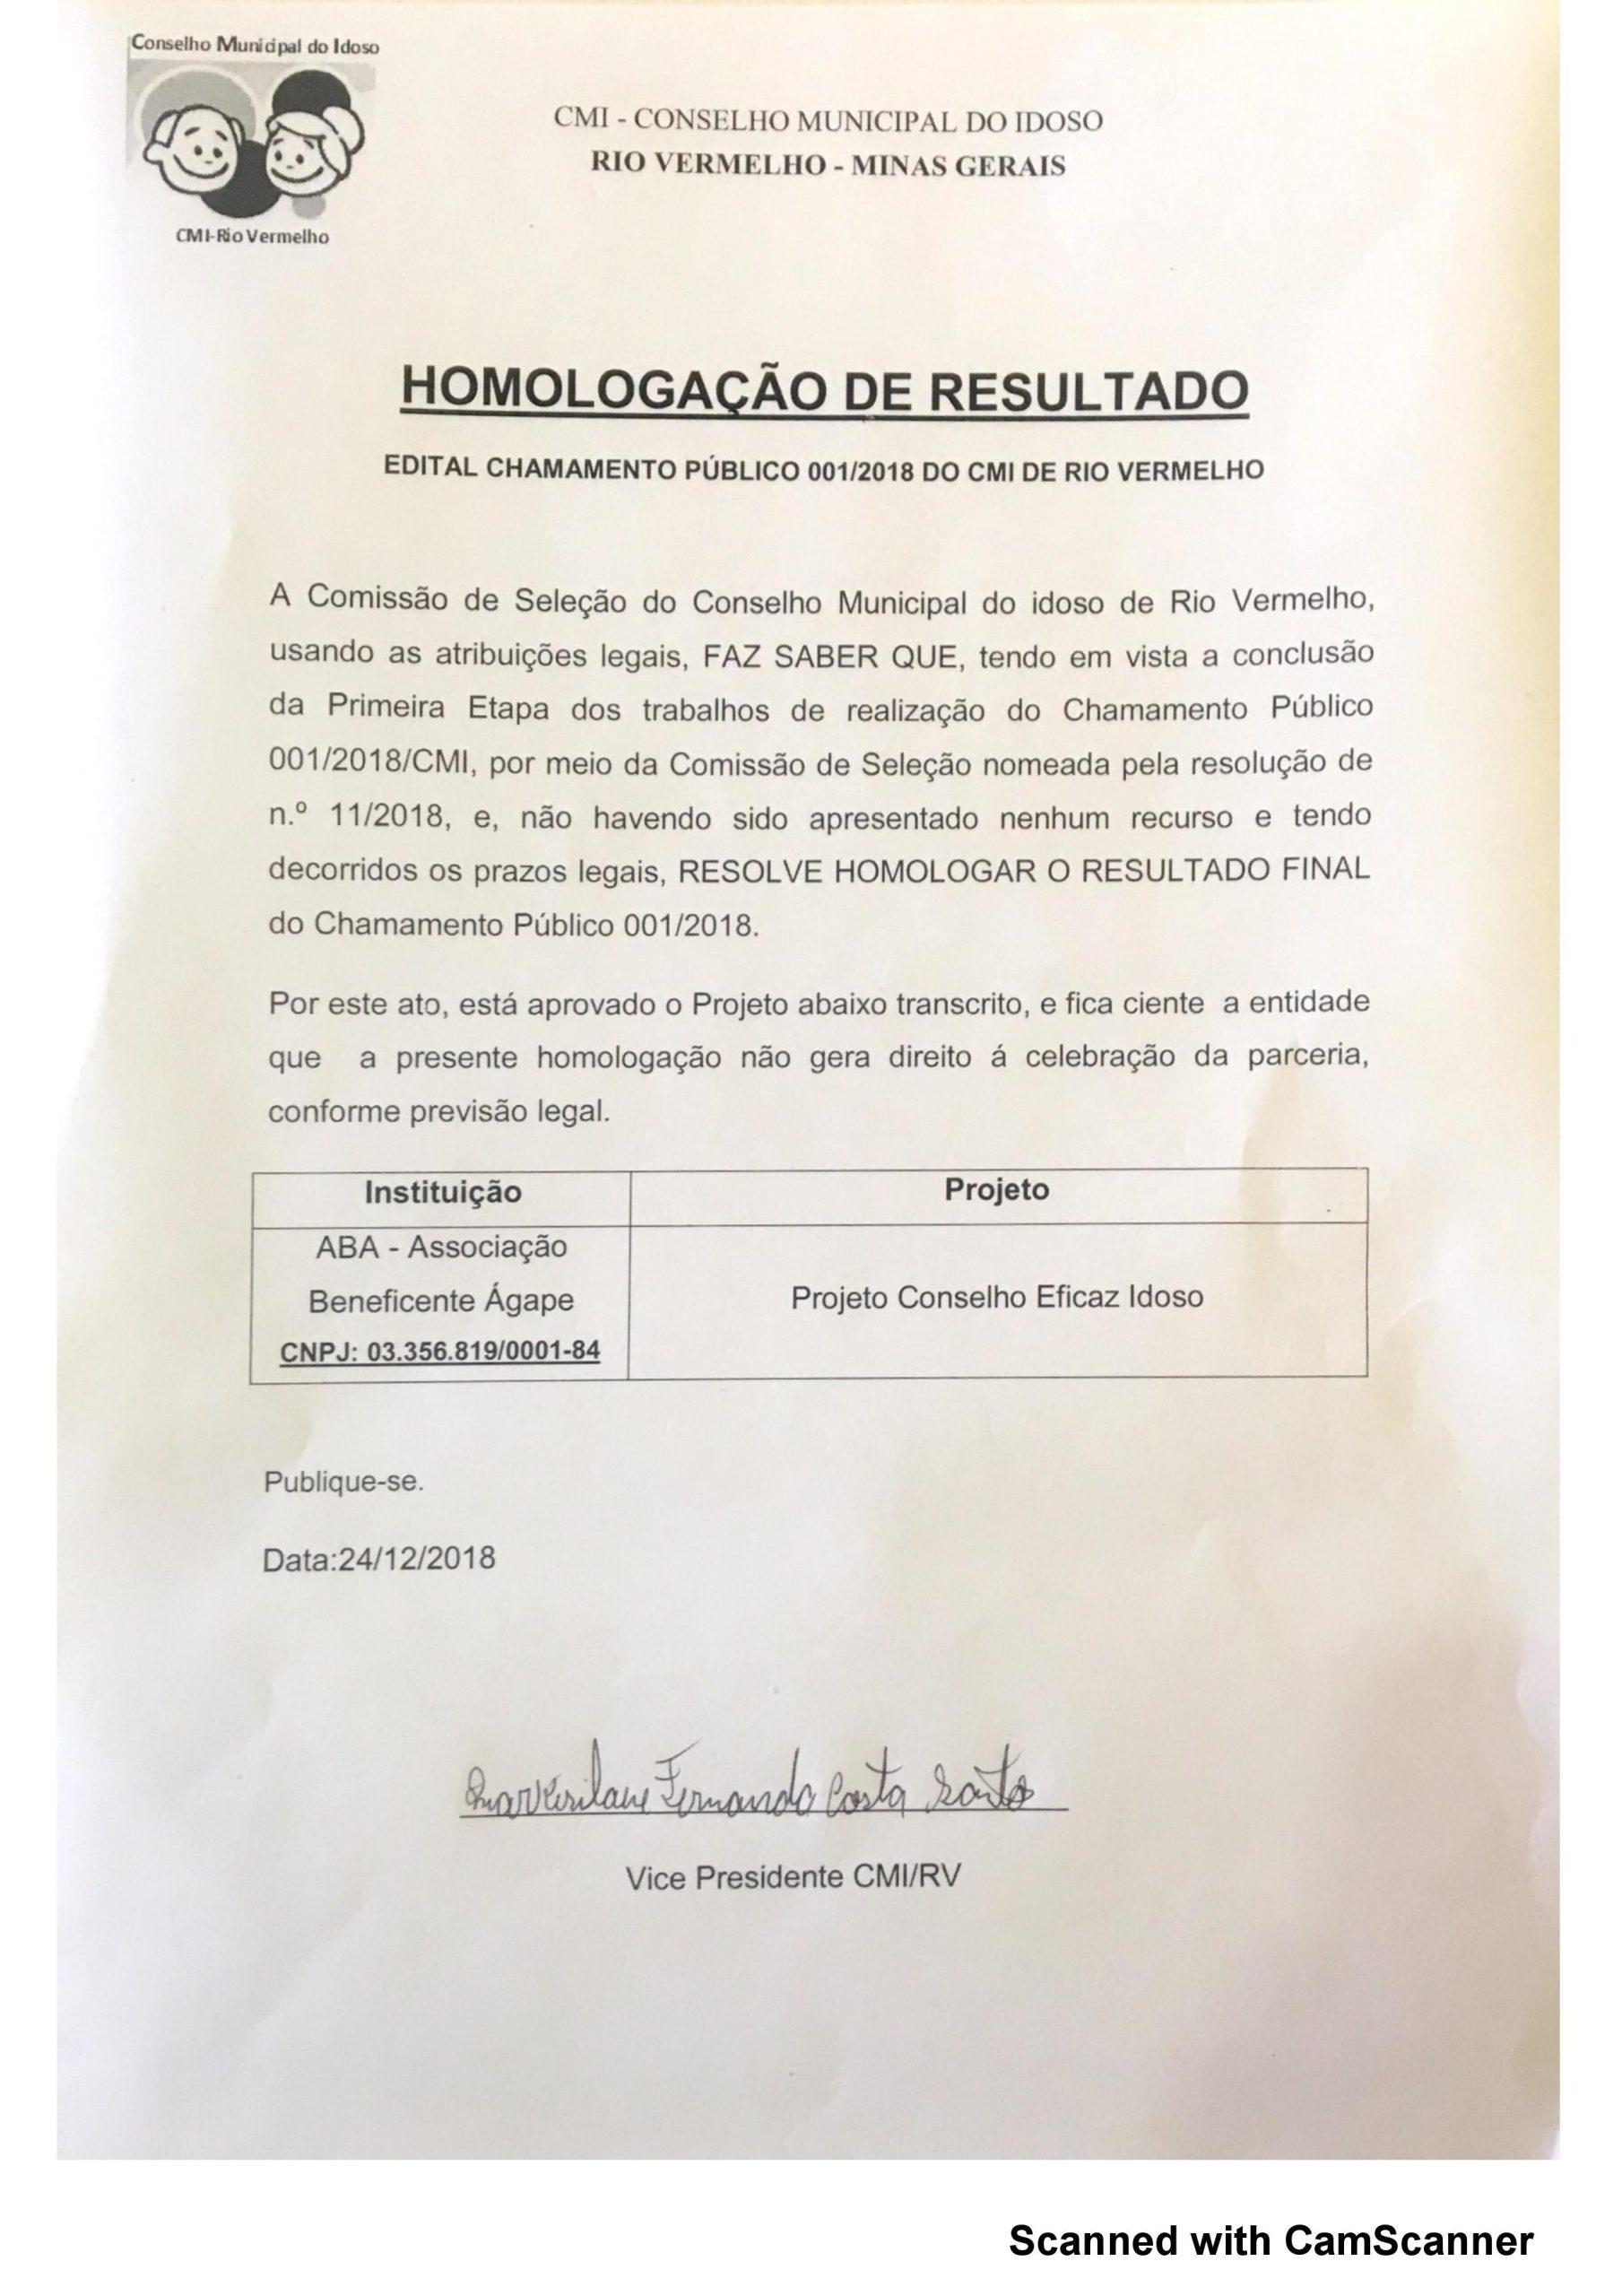 Homologação Chamamento Público 01/2018 – CMI